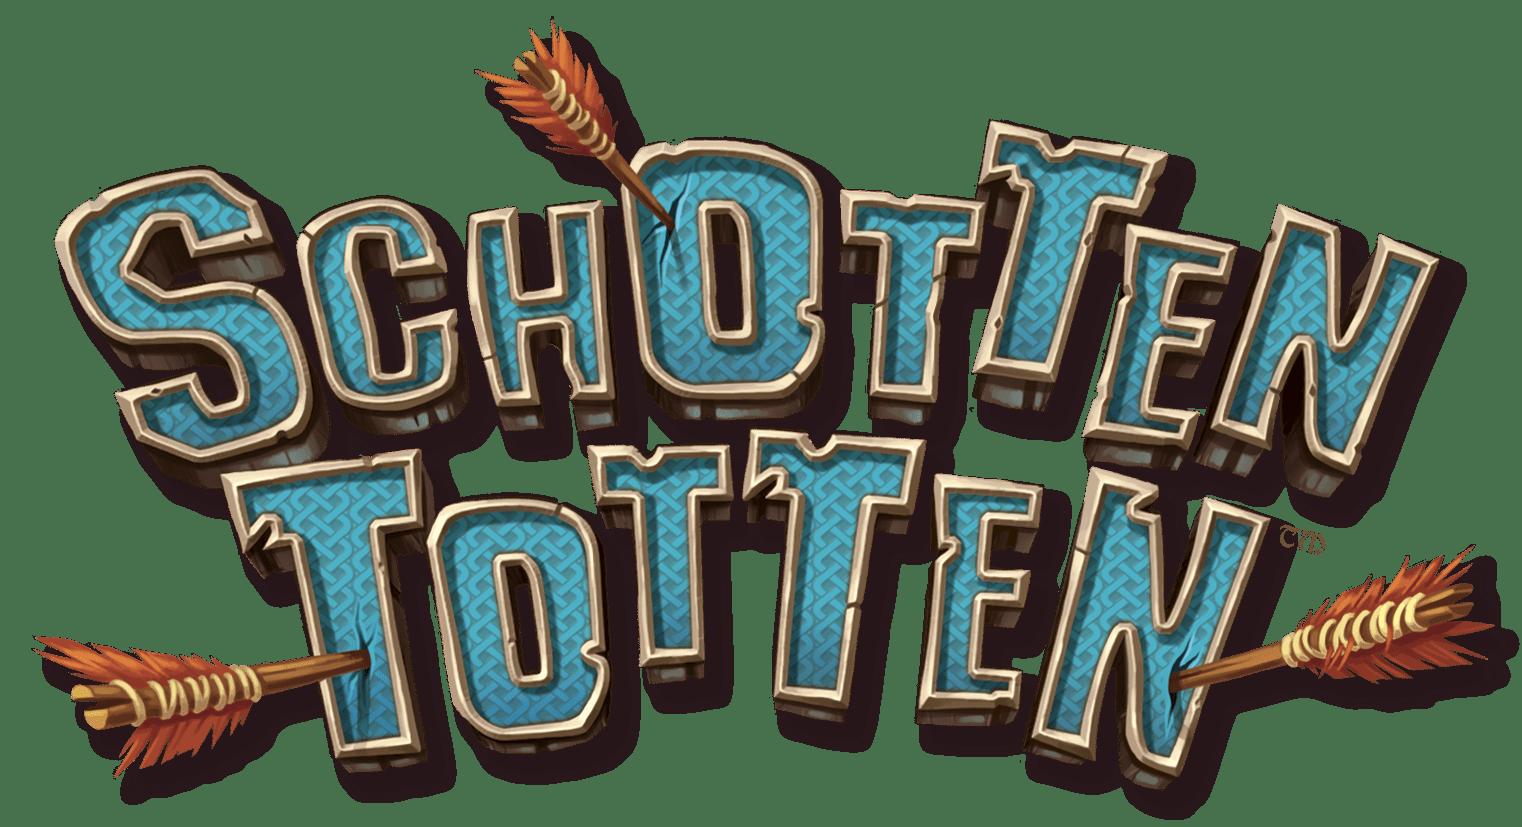 Shotten Totten